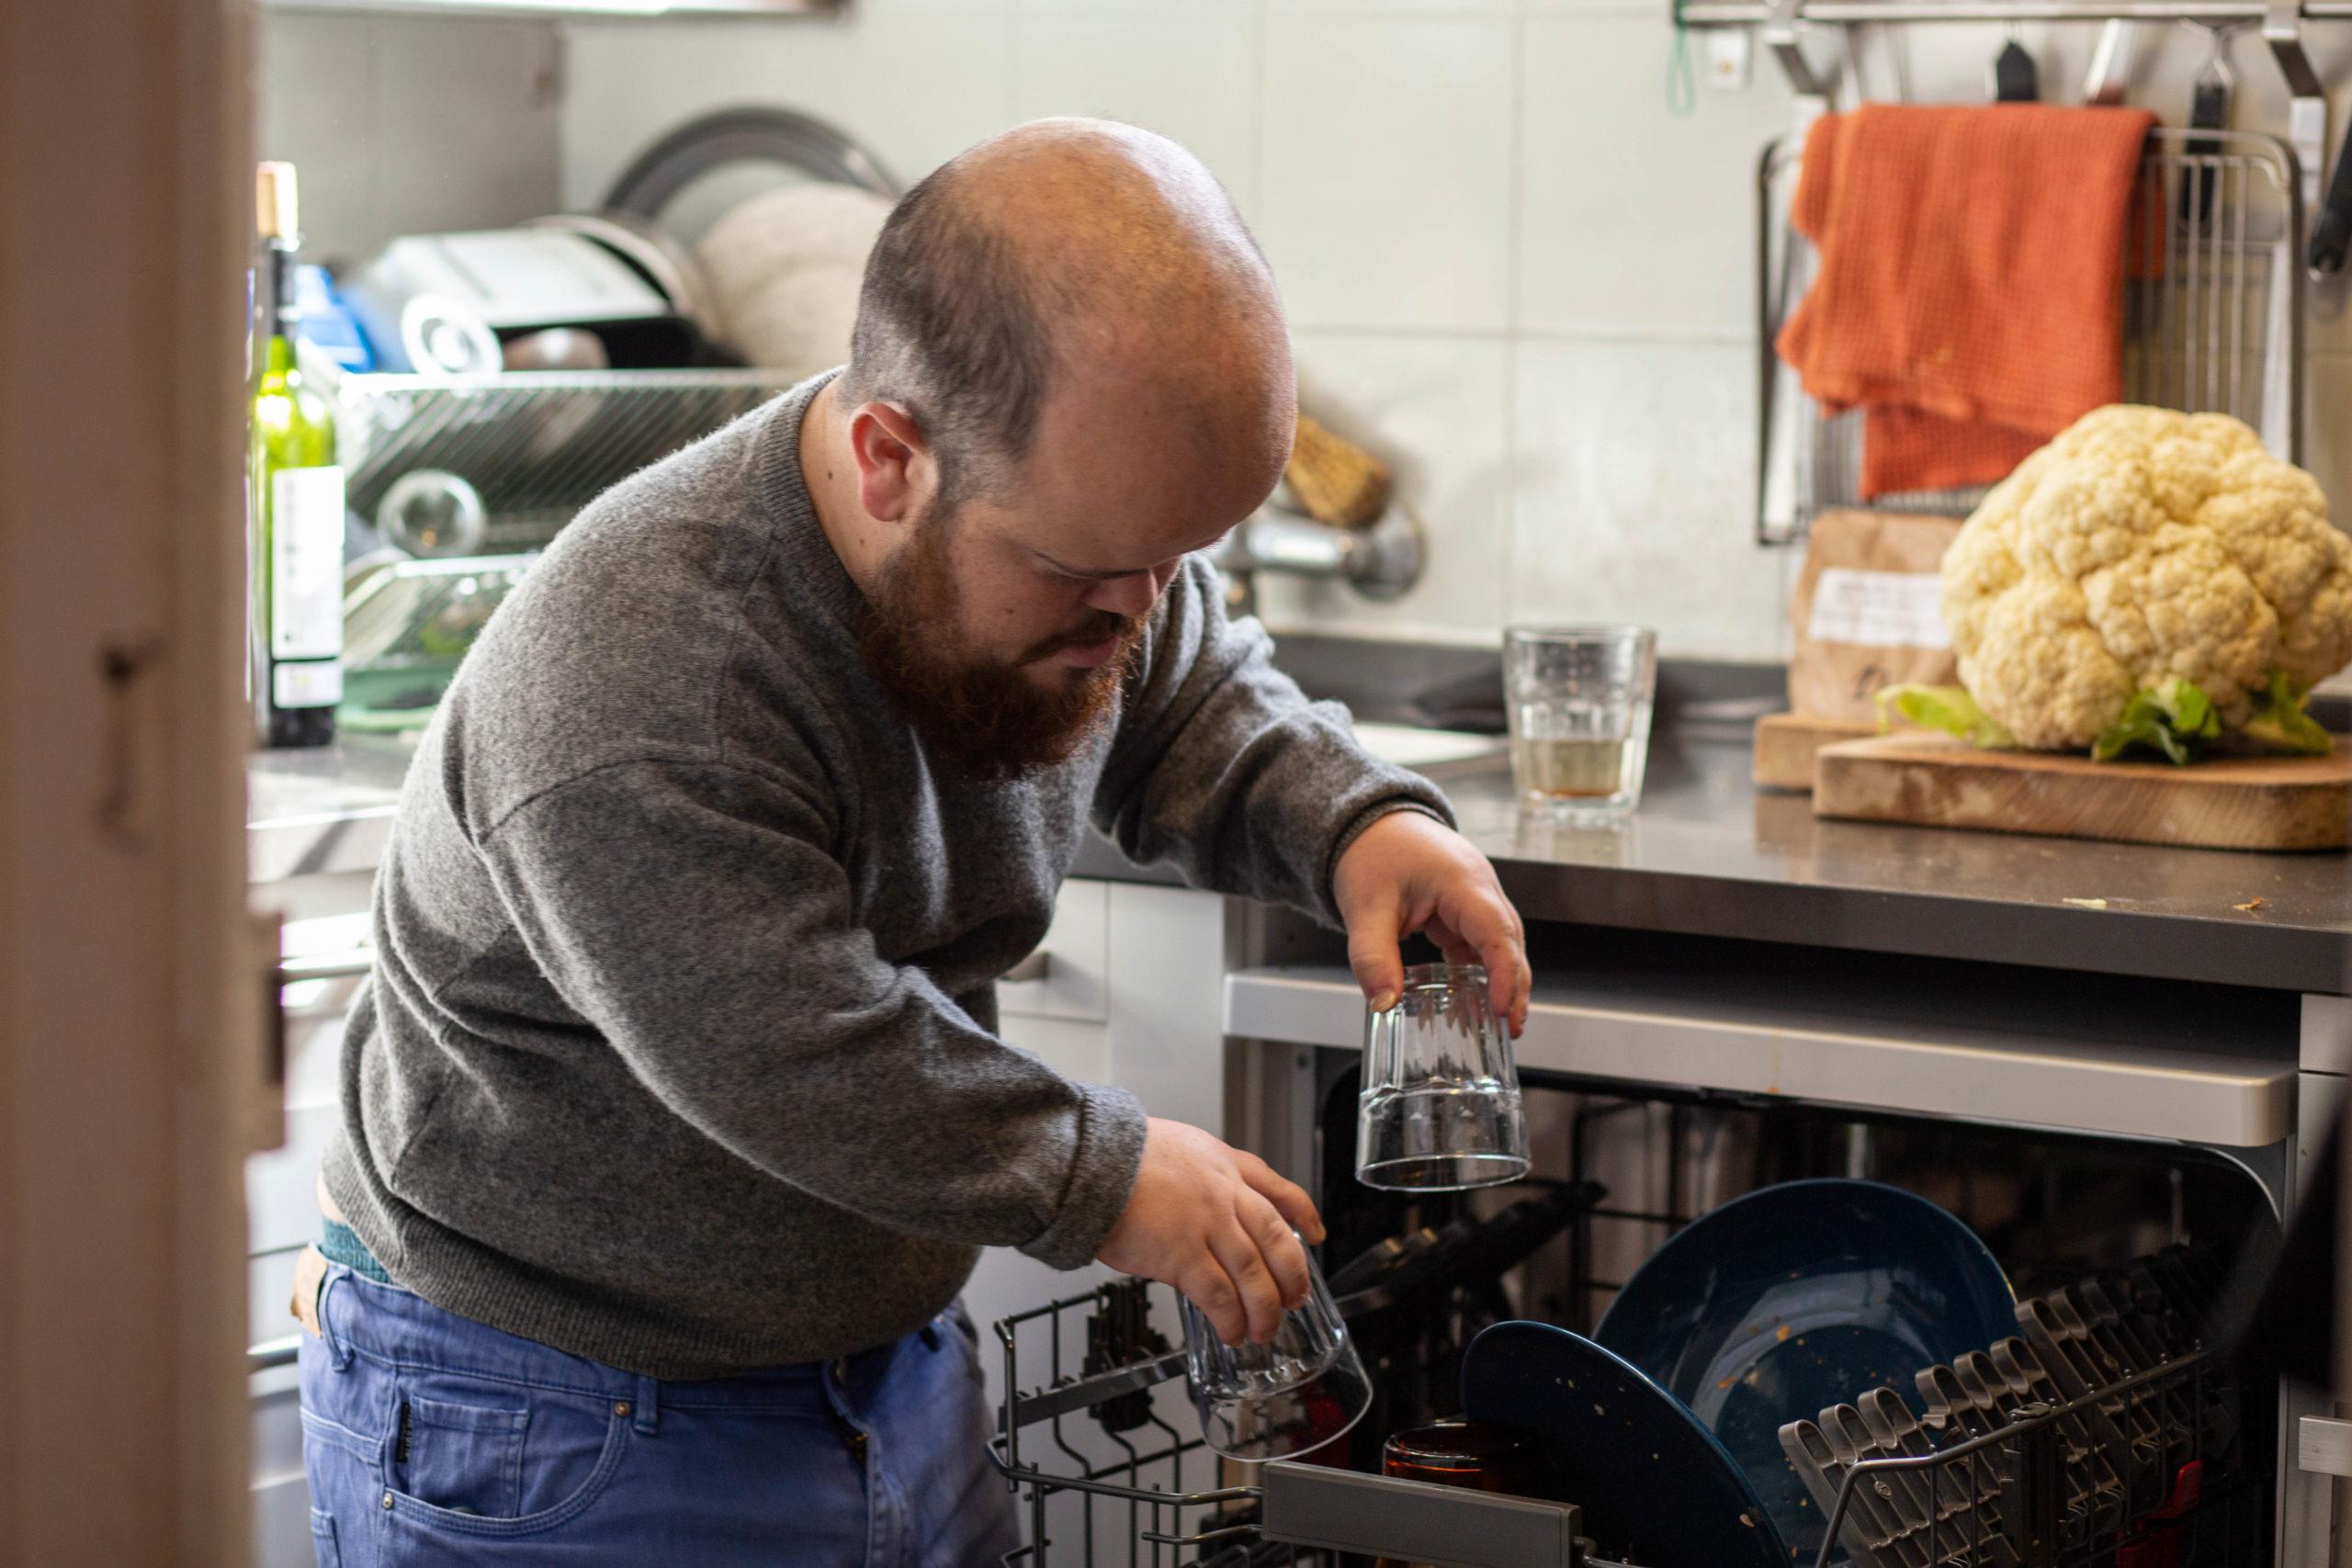 Un noi posa els plats dins del rentavaixelles a la cuina